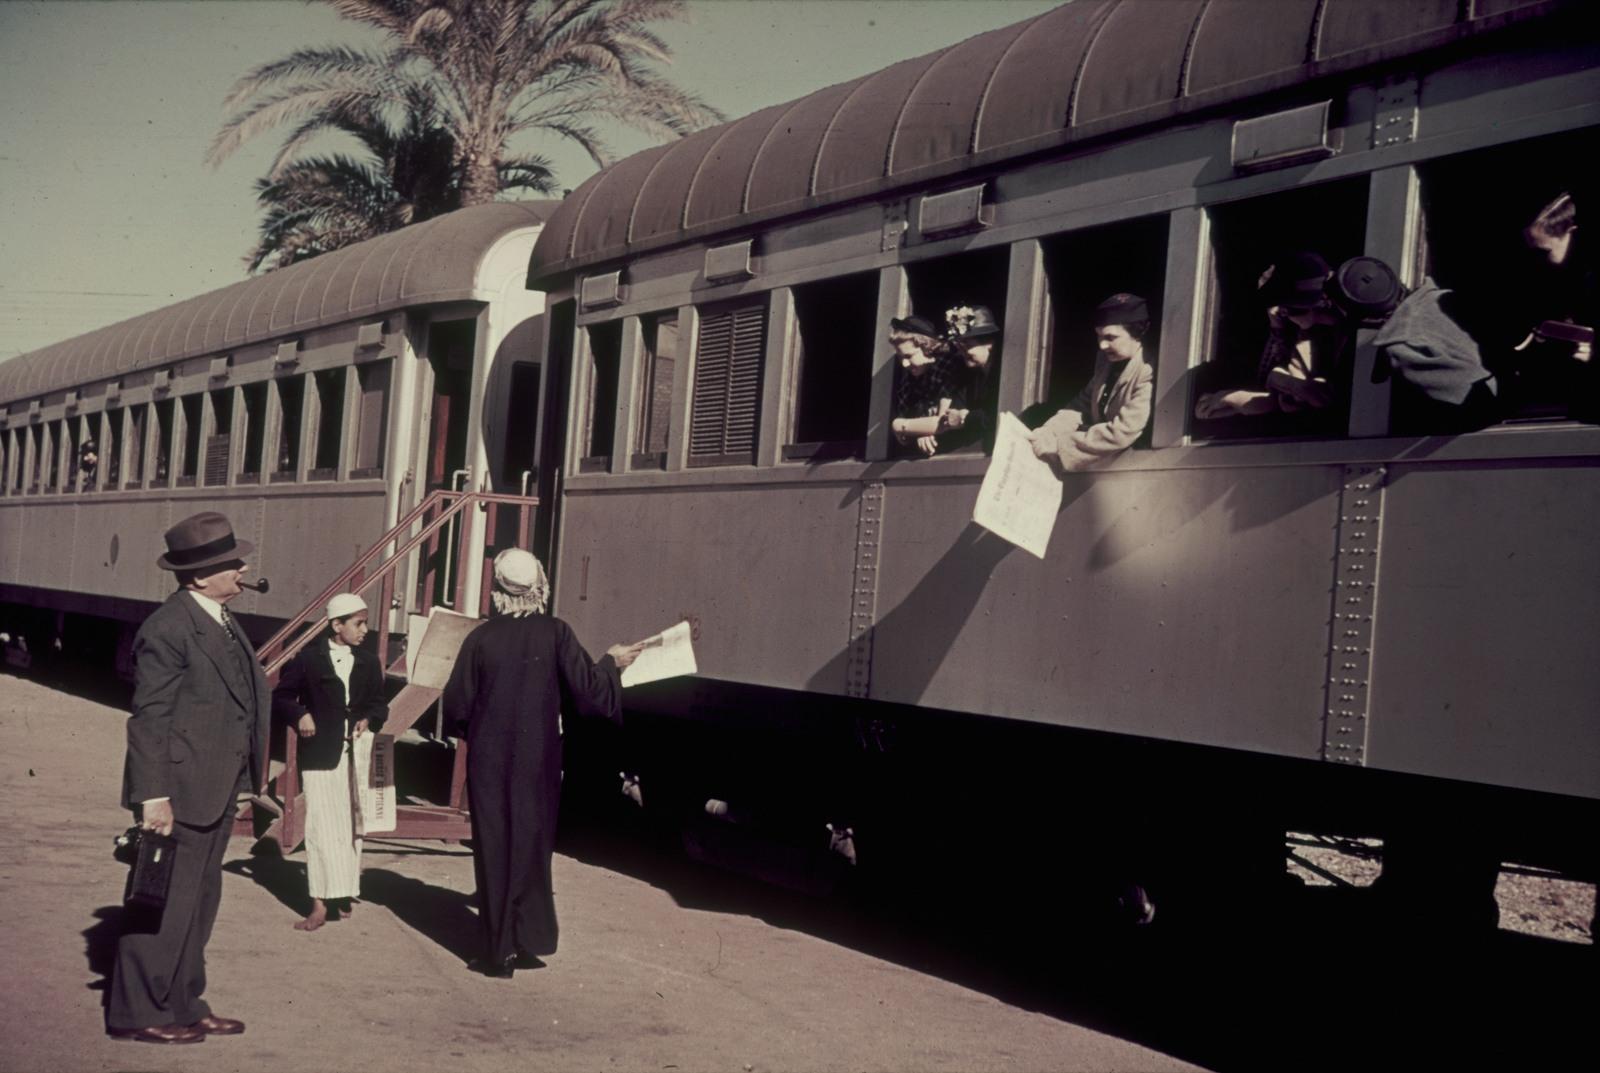 Каир. Платформа с отъезжающим поездом и продавцом газет «La bourse égyptienne»